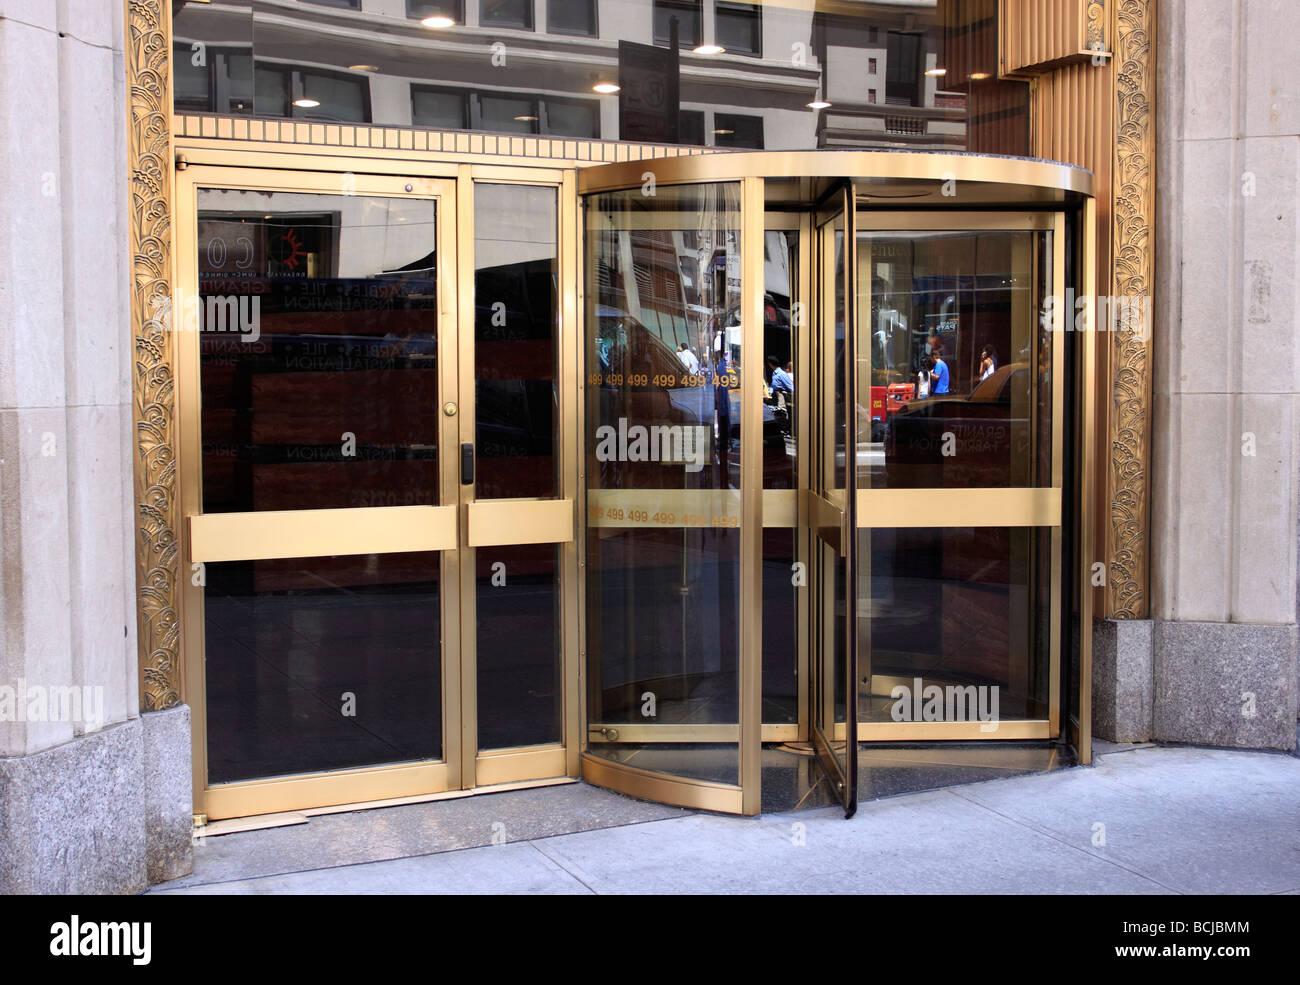 revolving door, New York City Stock Photo: 24990580 - Alamy on